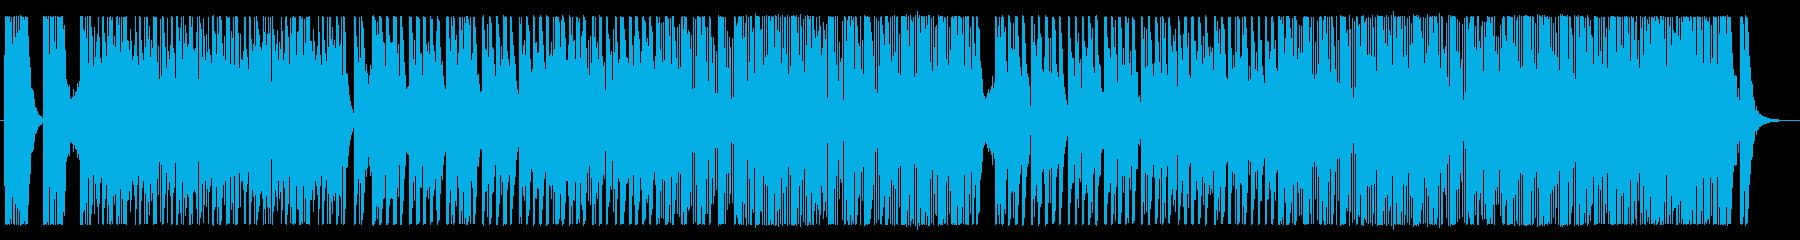 荒々しい和太鼓アンサンブルの再生済みの波形